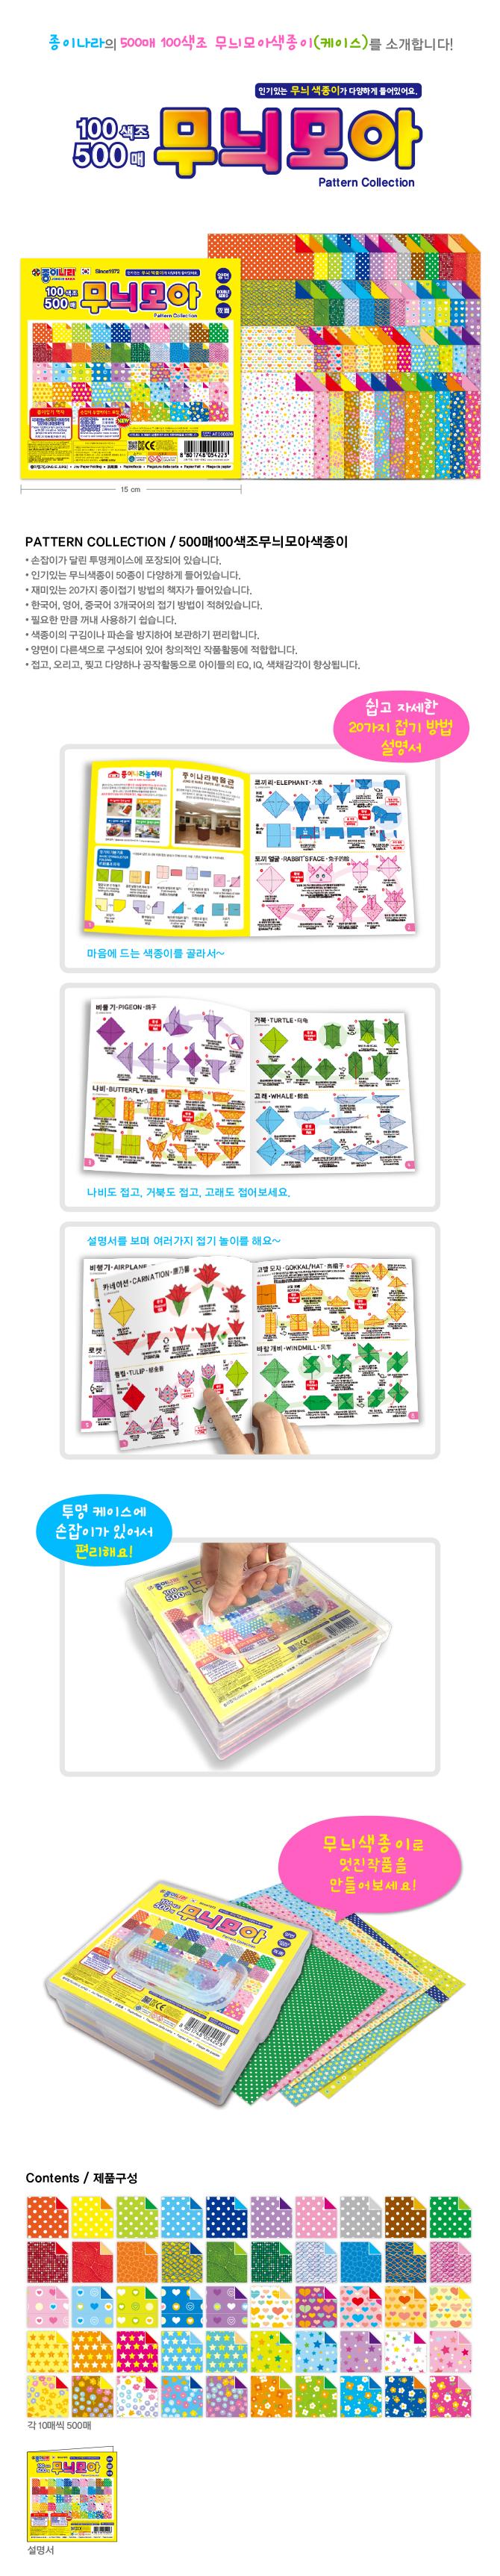 500매100색조무늬모아색종이(케이스)_상세페이지.jpg